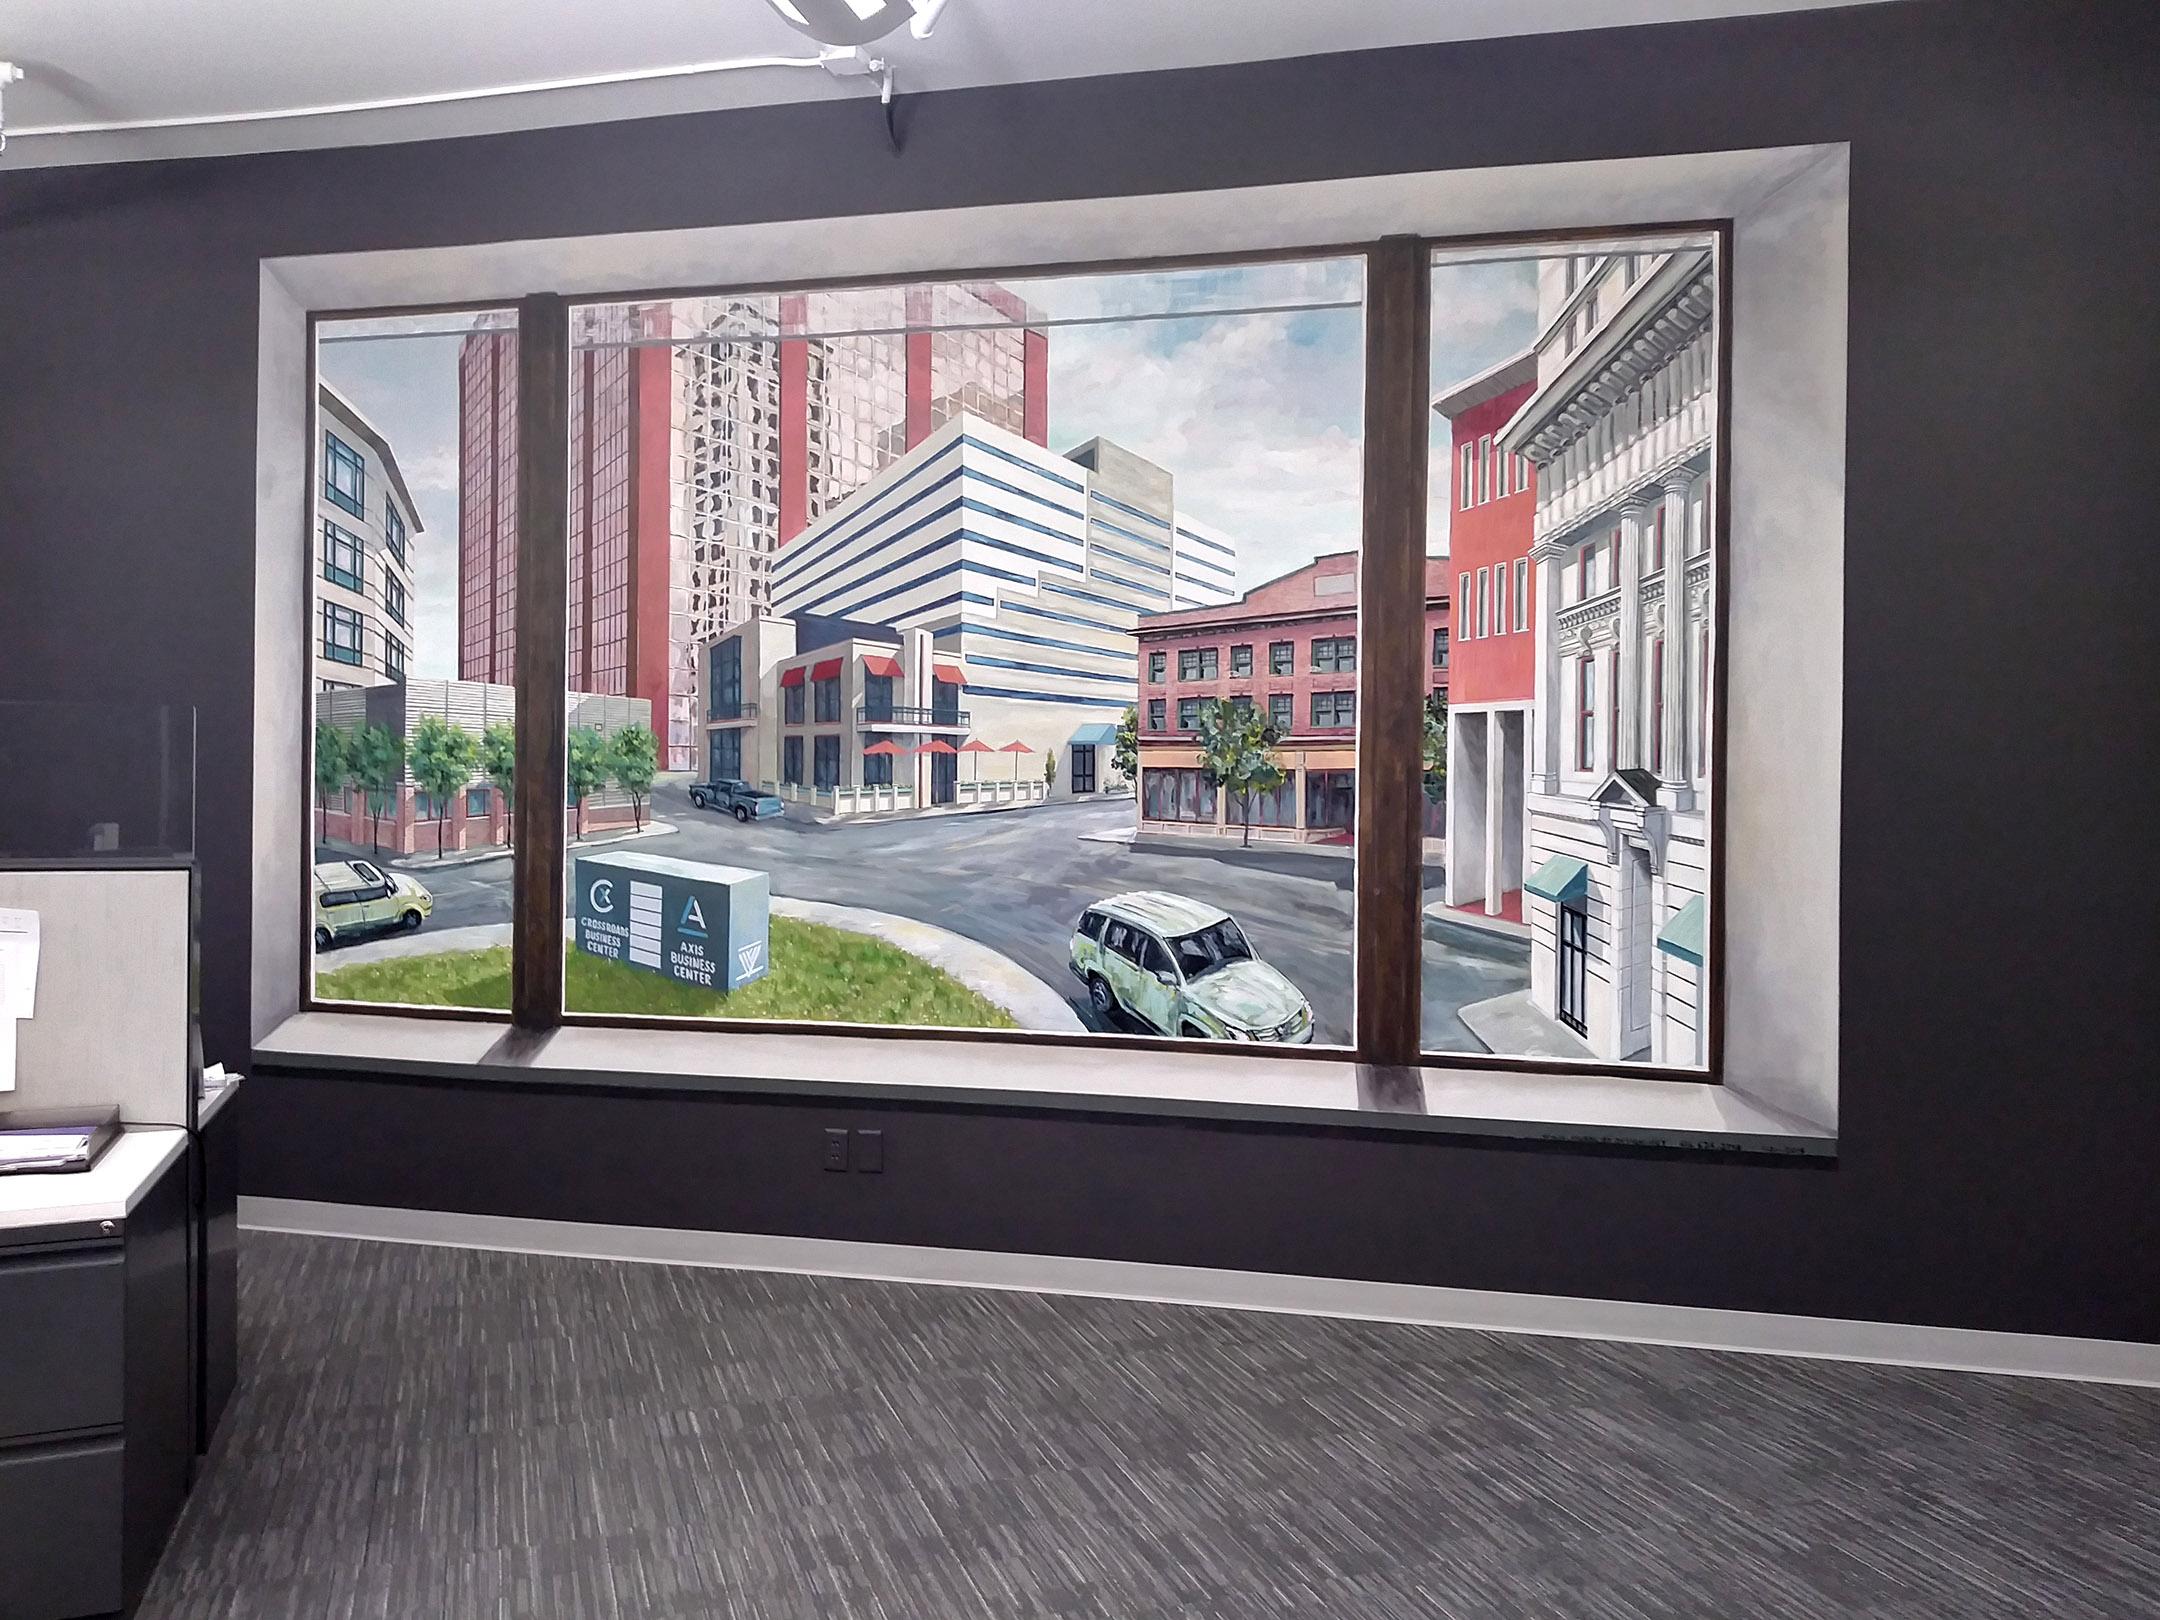 Mural by Design - VREI